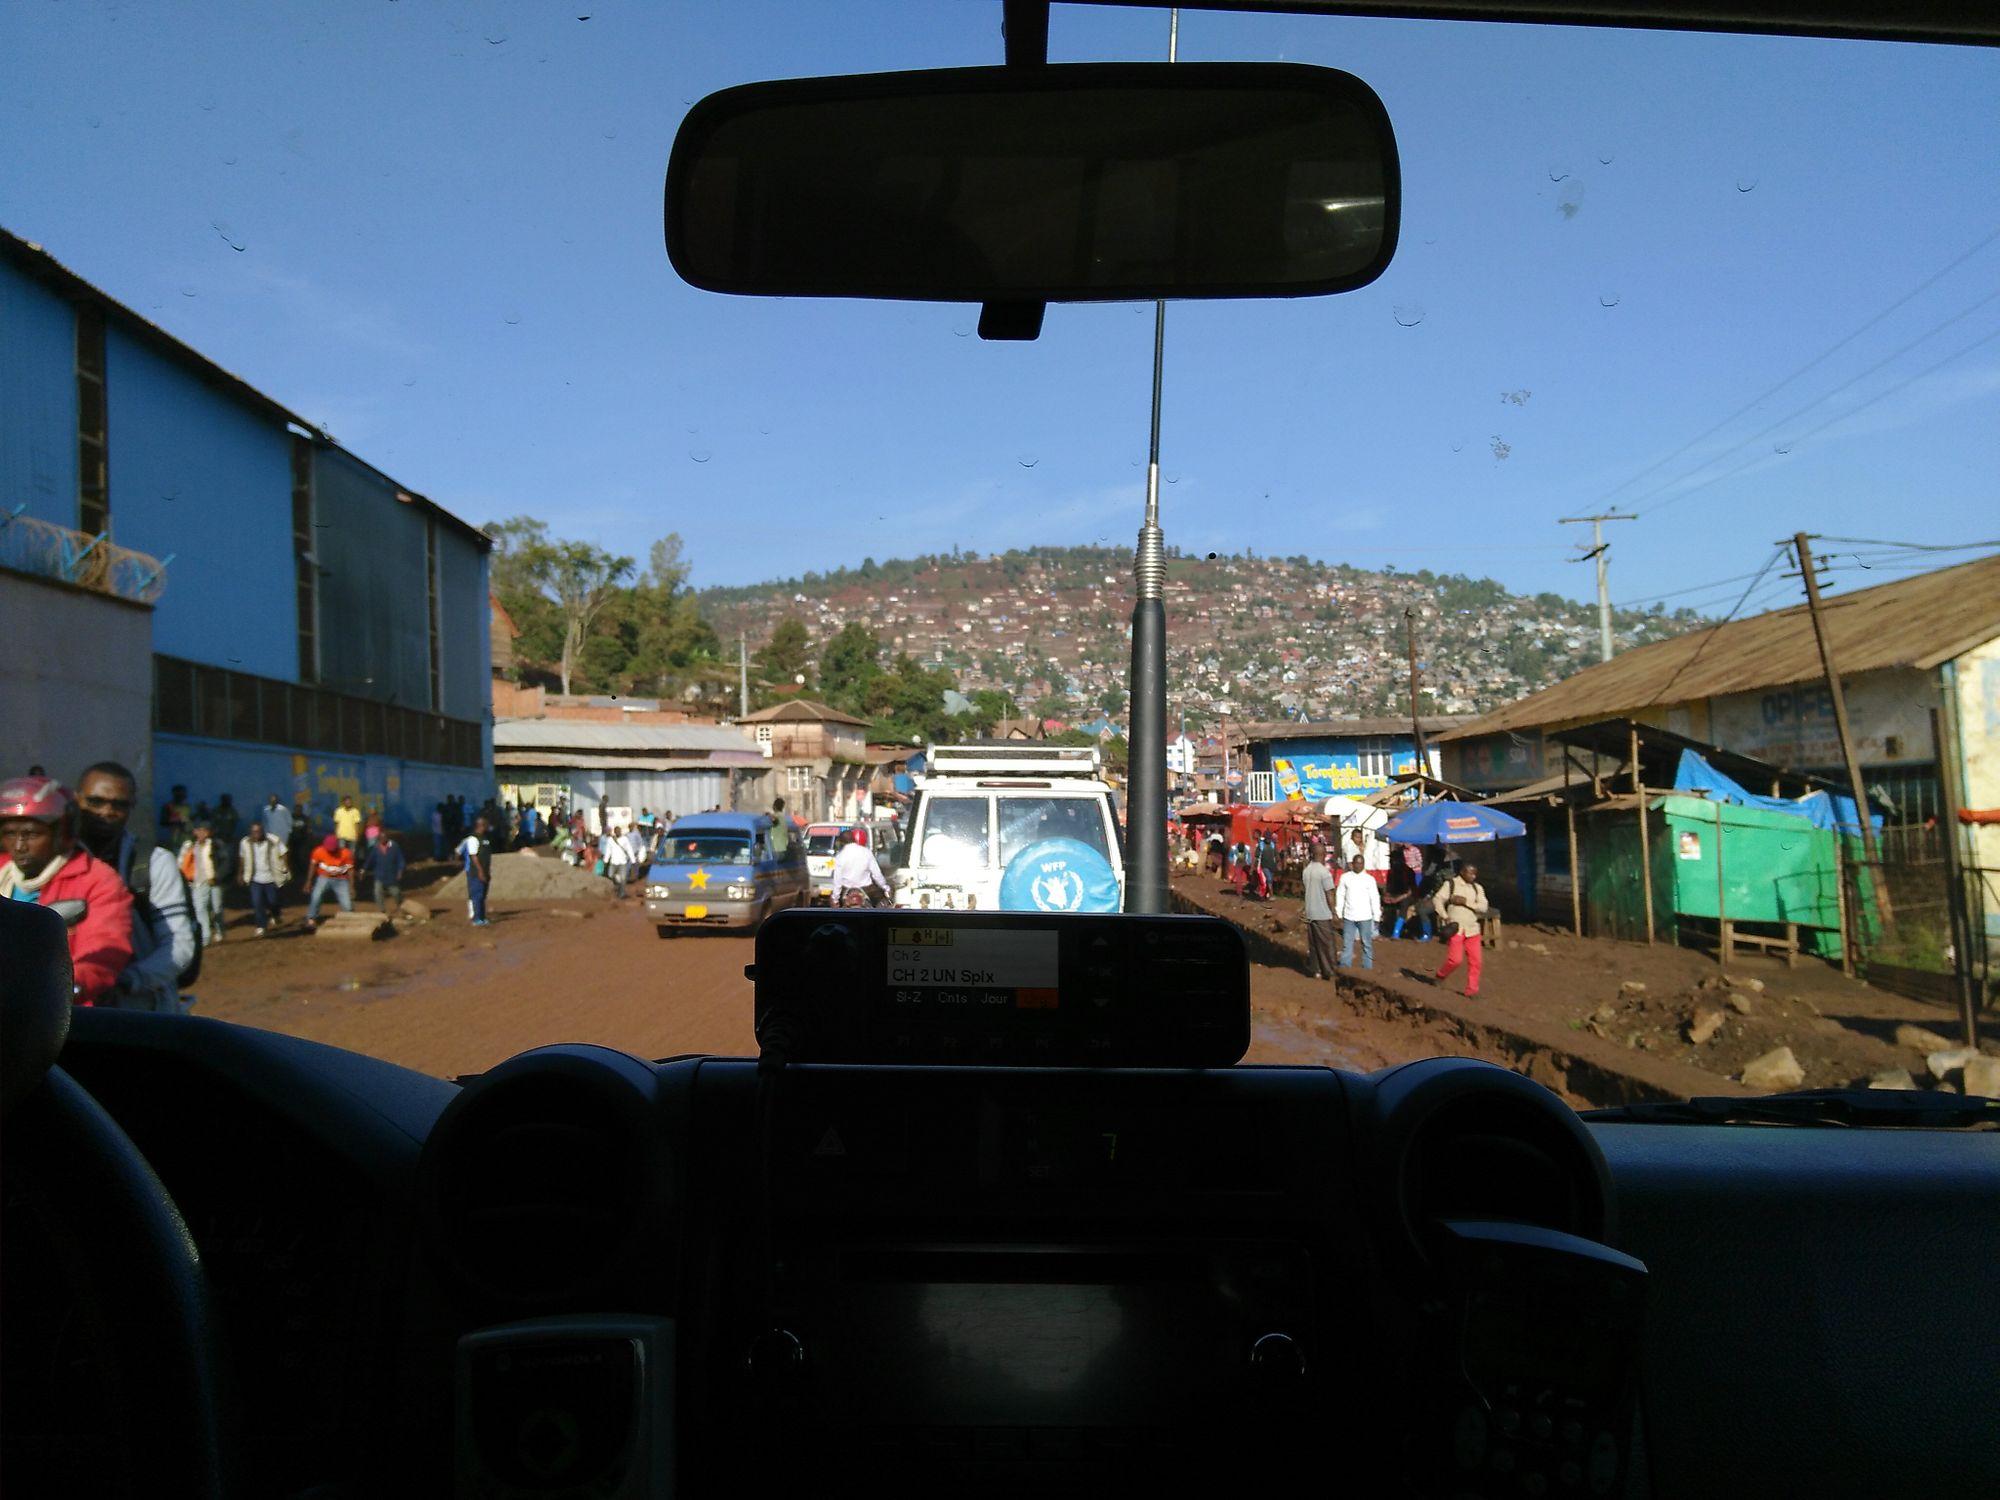 Blick aus dem Inneren eines Fahrzeugs auf einer Straße in Bukavu, Jürgen Kretz, Demokratische Republik Kongo.